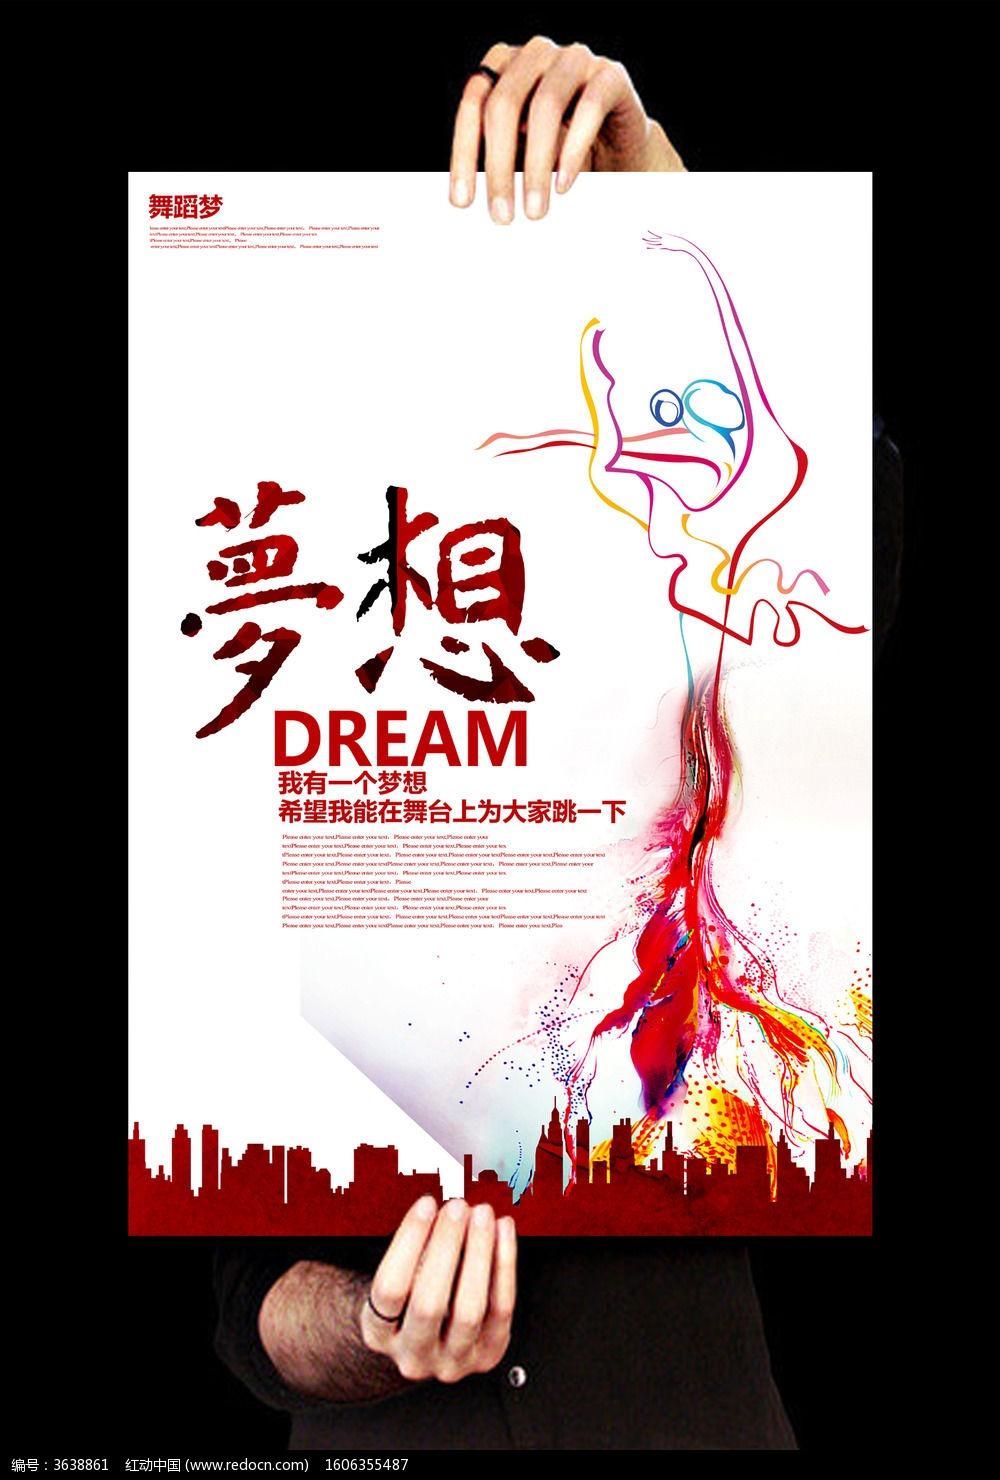 创意舞台梦想海报设计图片